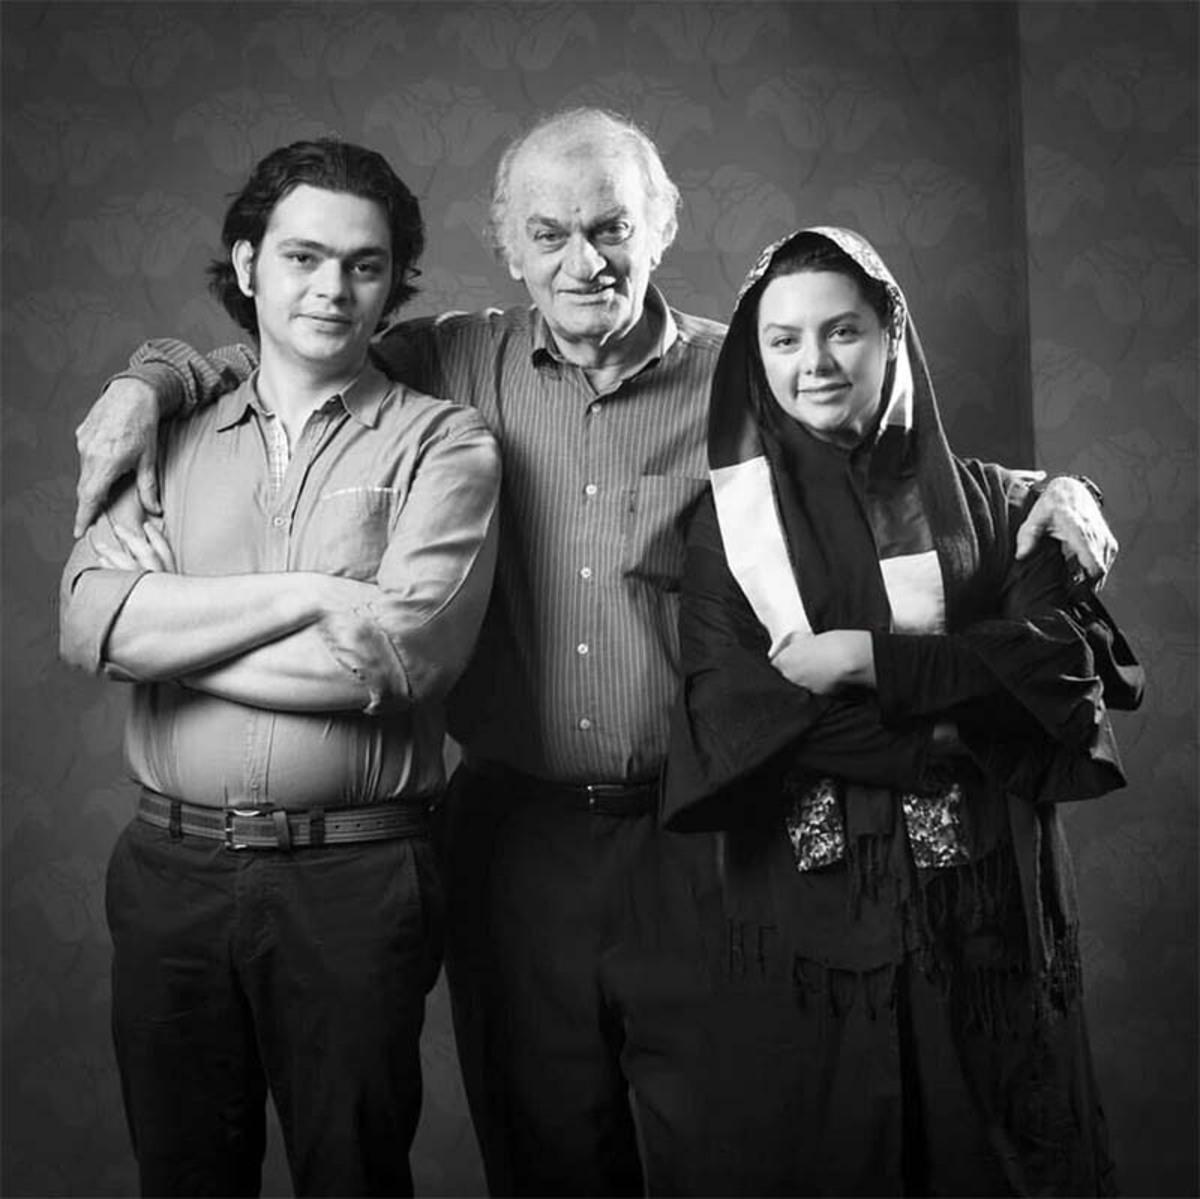 زنده یاد فتحعلی اویسی درکنار فرزندانش /عکس